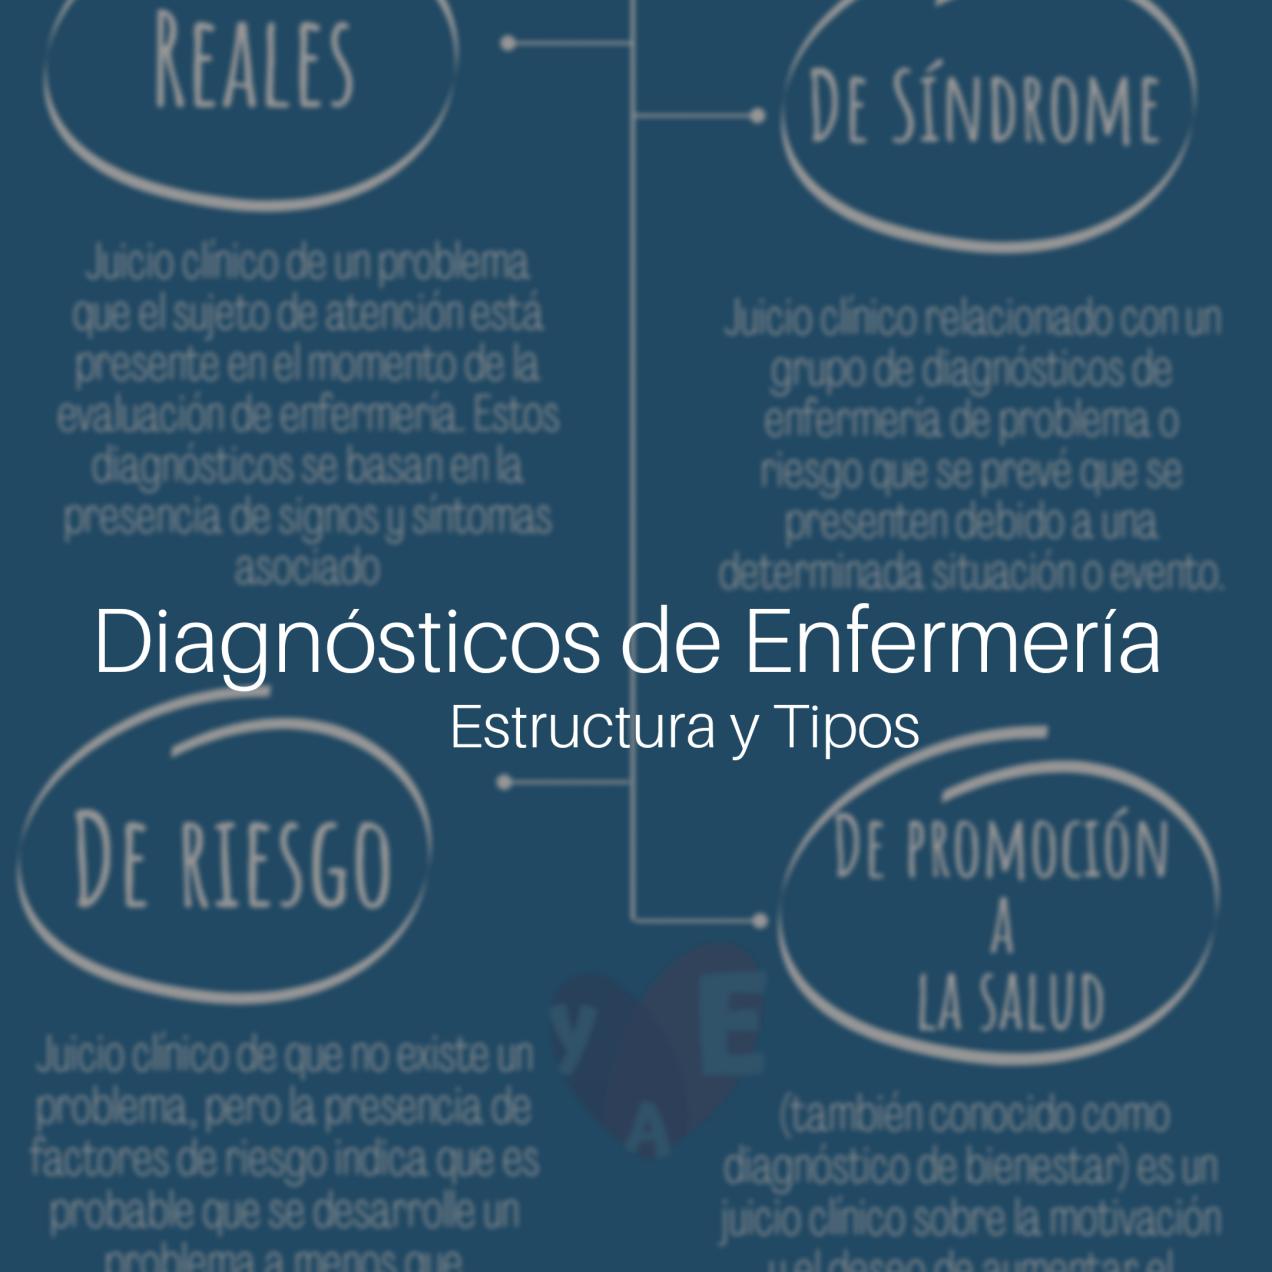 Diagnósticos de enfermería componentes y tipos.